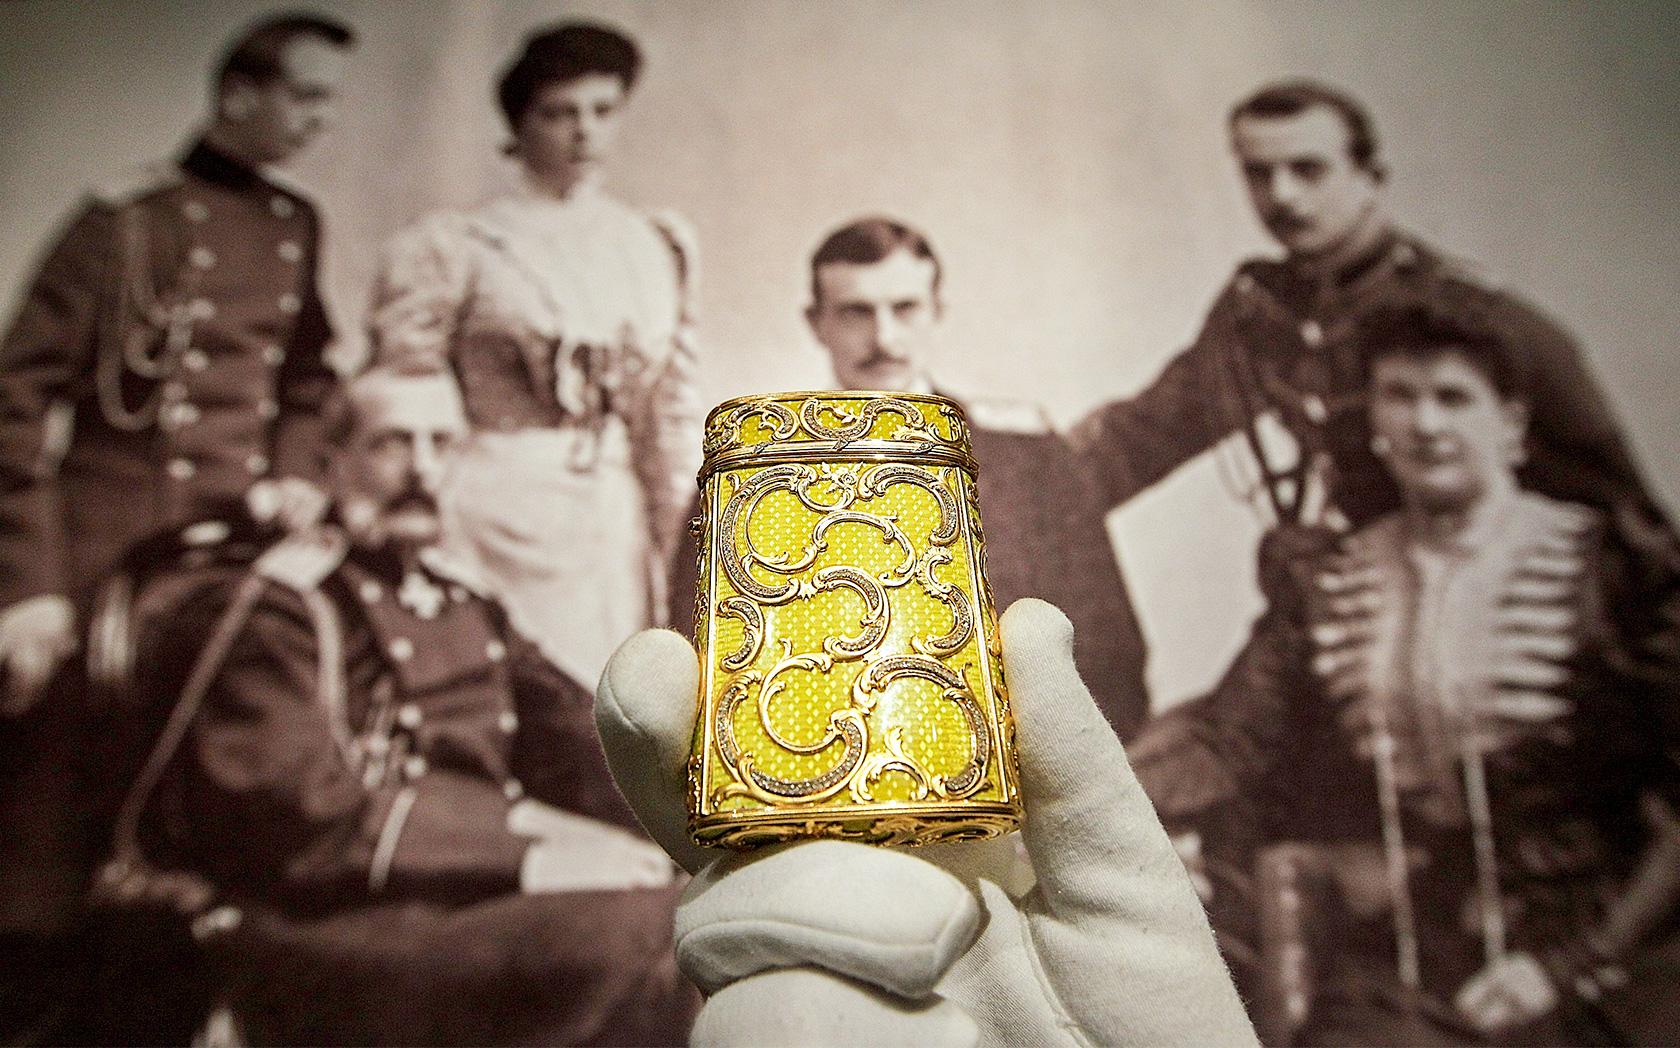 Družinska zapuščina Romanovih na dražbi leta 2009. Letos so se na dražbi znašli novi osebni predmeti.